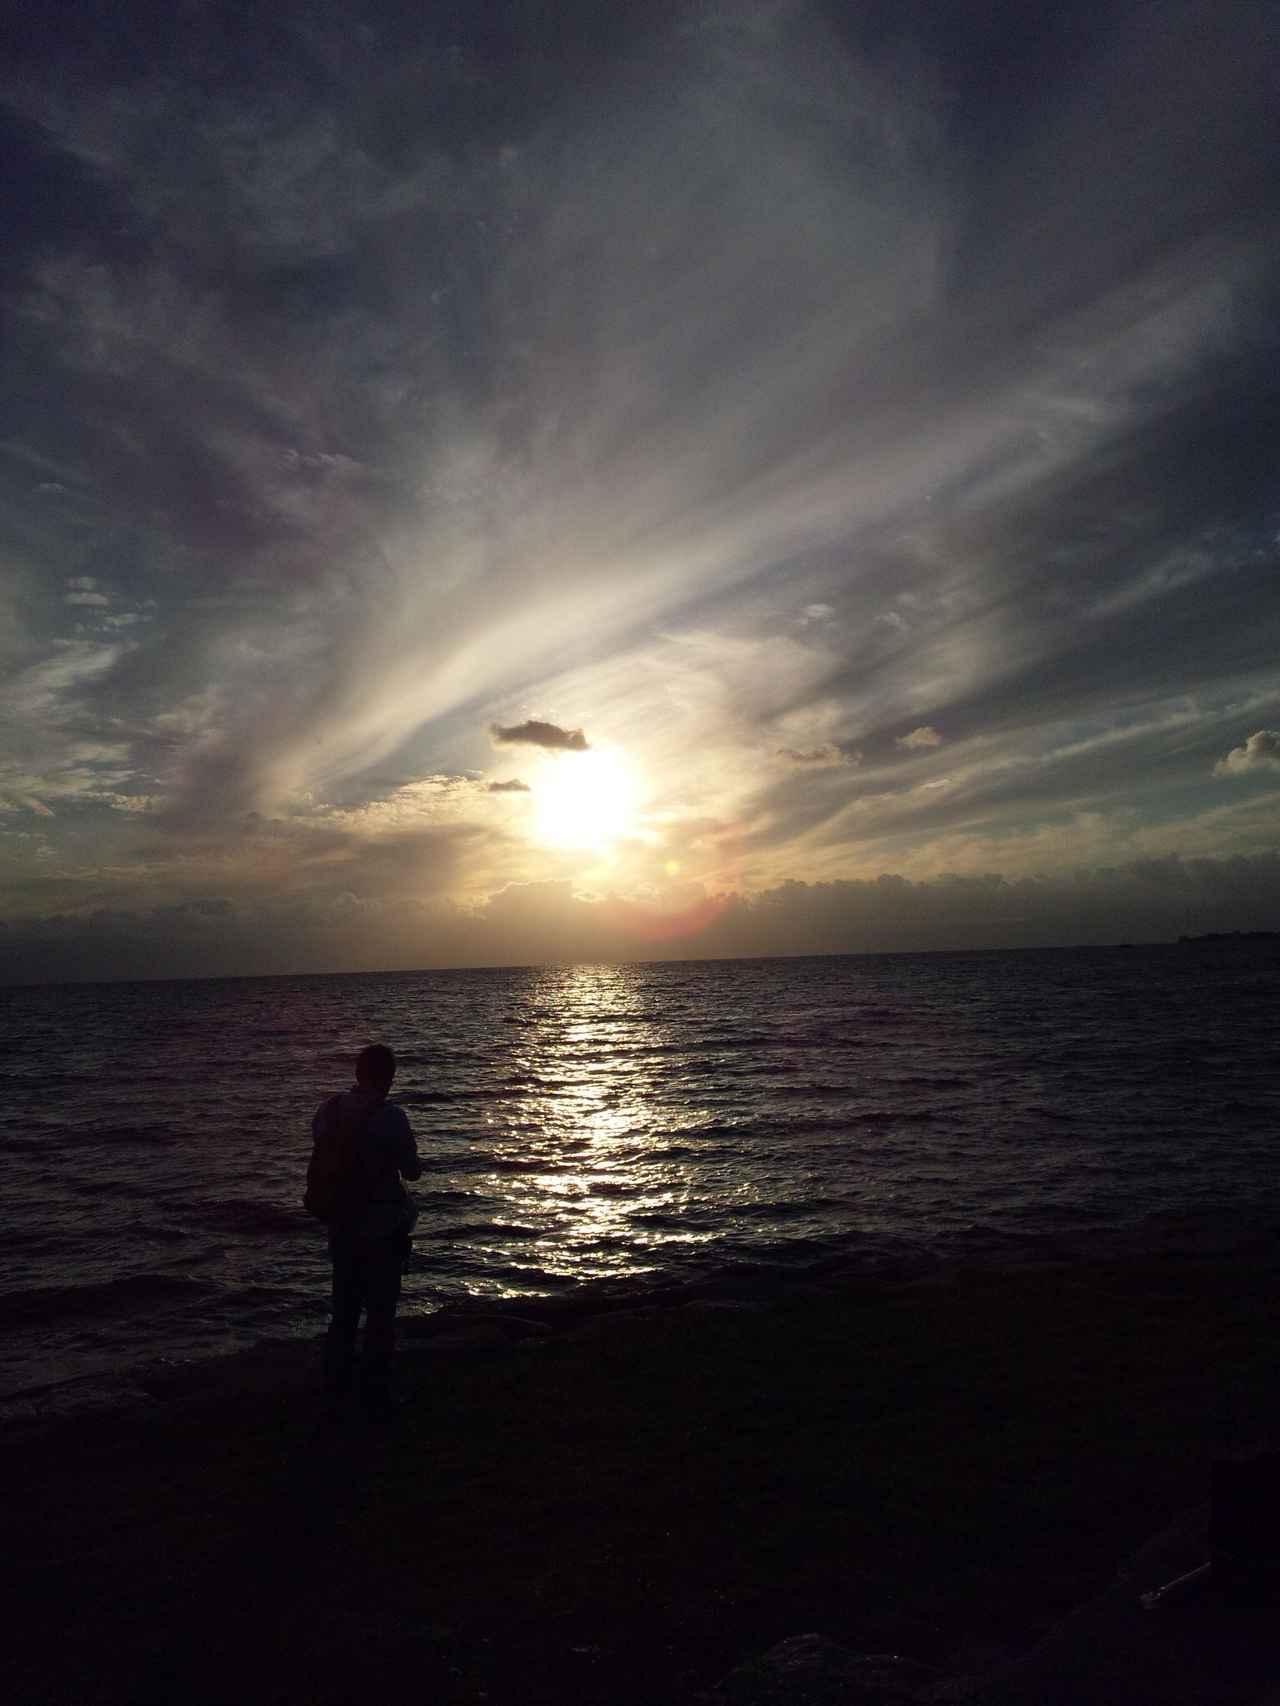 画像5: 応募総数1200枚超から 厳選した龍雲写真はこれ!